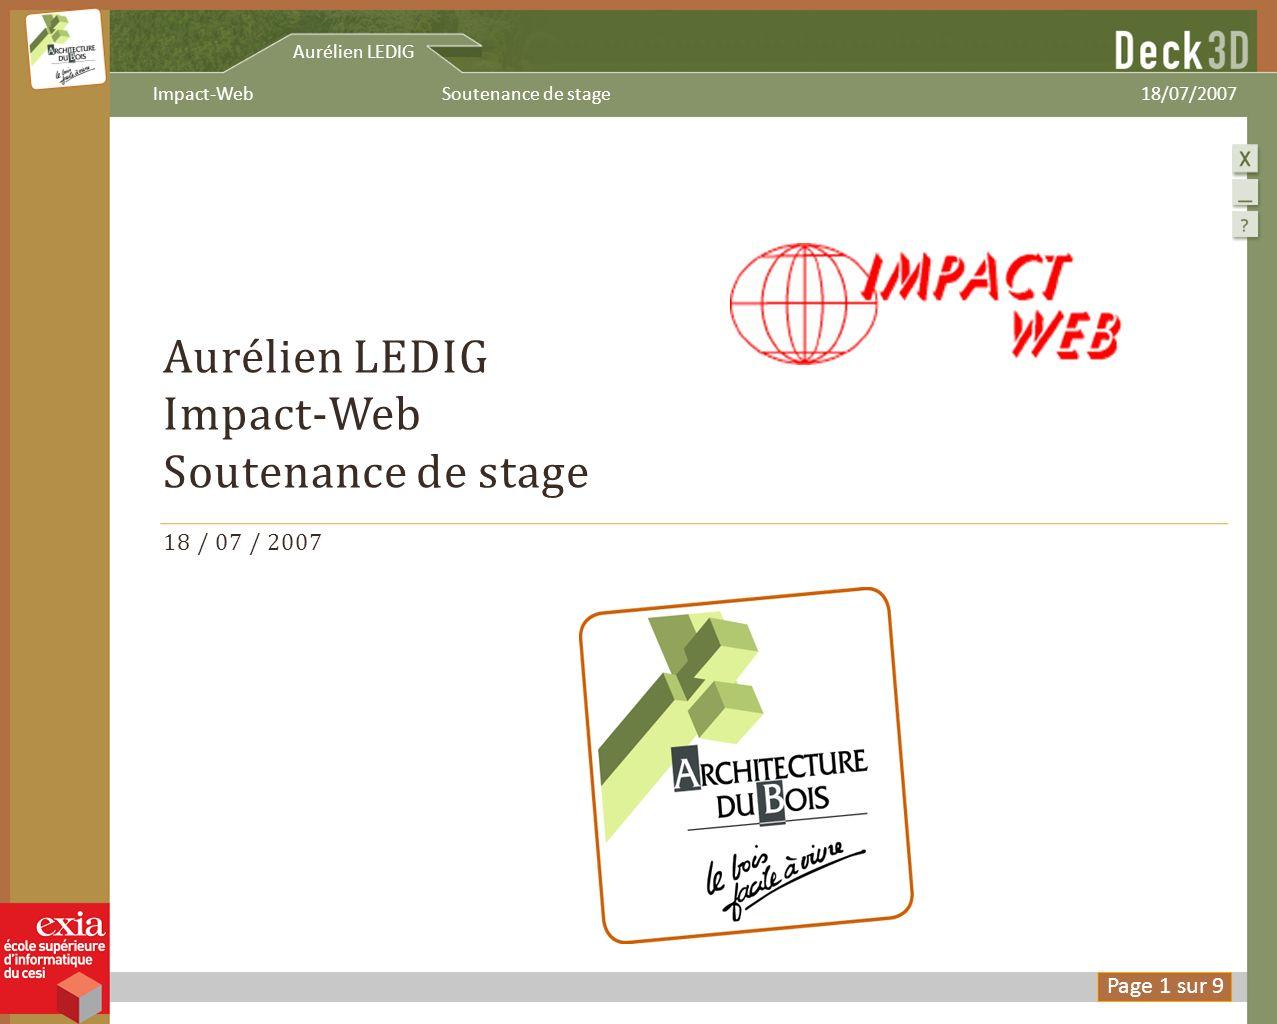 Aurélien LEDIG Impact-Web Soutenance de stage 18 / 07 / 2007 Aurélien LEDIG Soutenance de stageImpact-Web18/07/2007 Page 1 sur 9